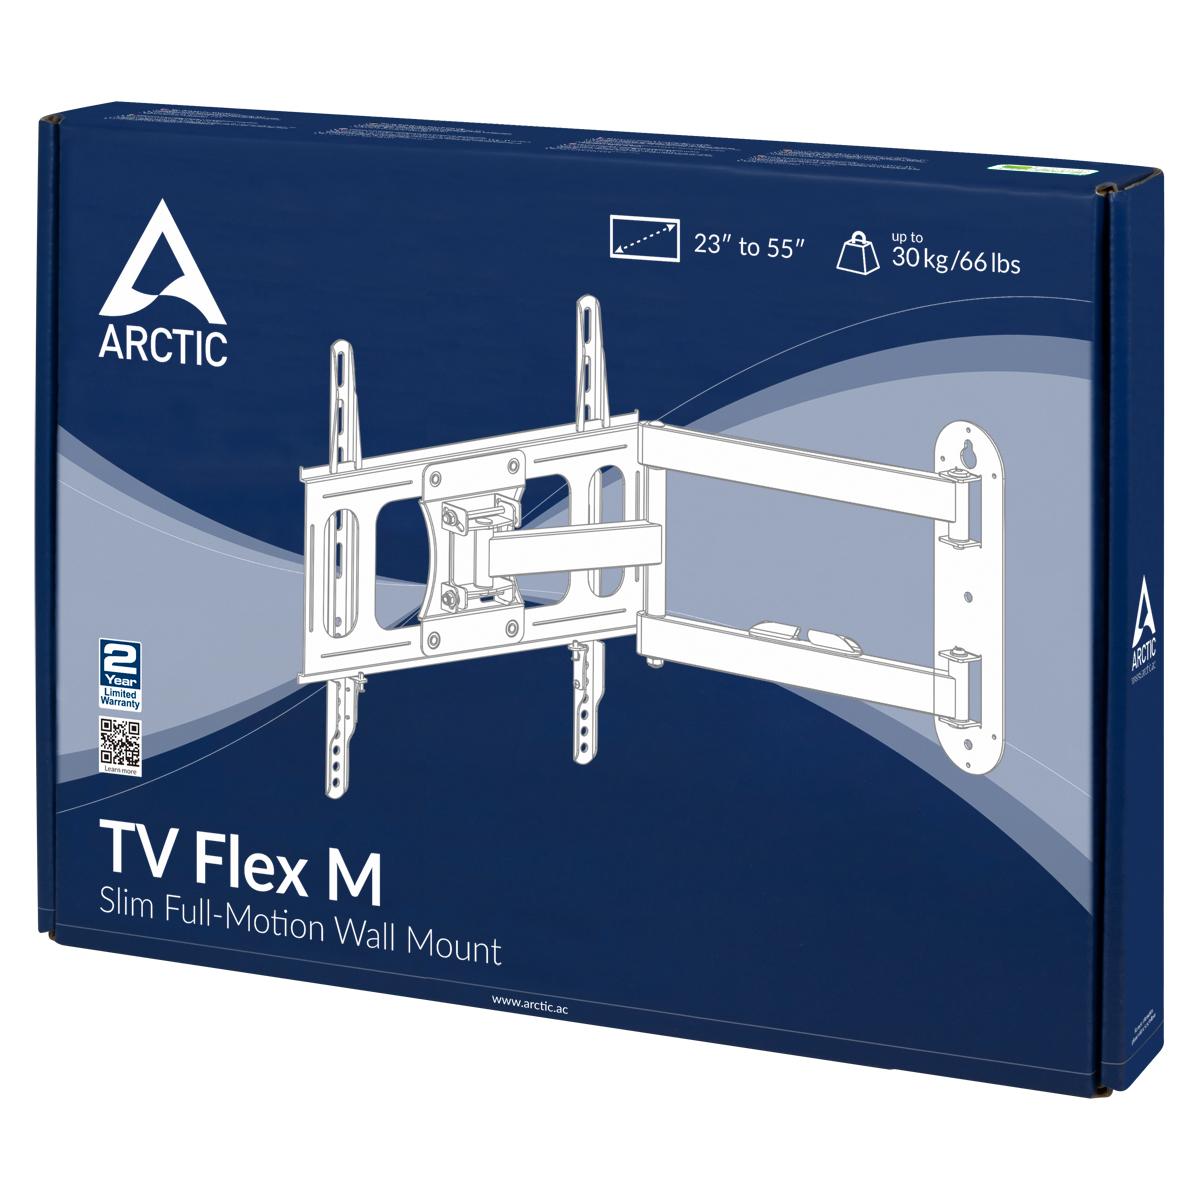 Vollbewegliche TV-Wandhalterung ARCTIC TV Flex M Produktverpackung Vorderansicht